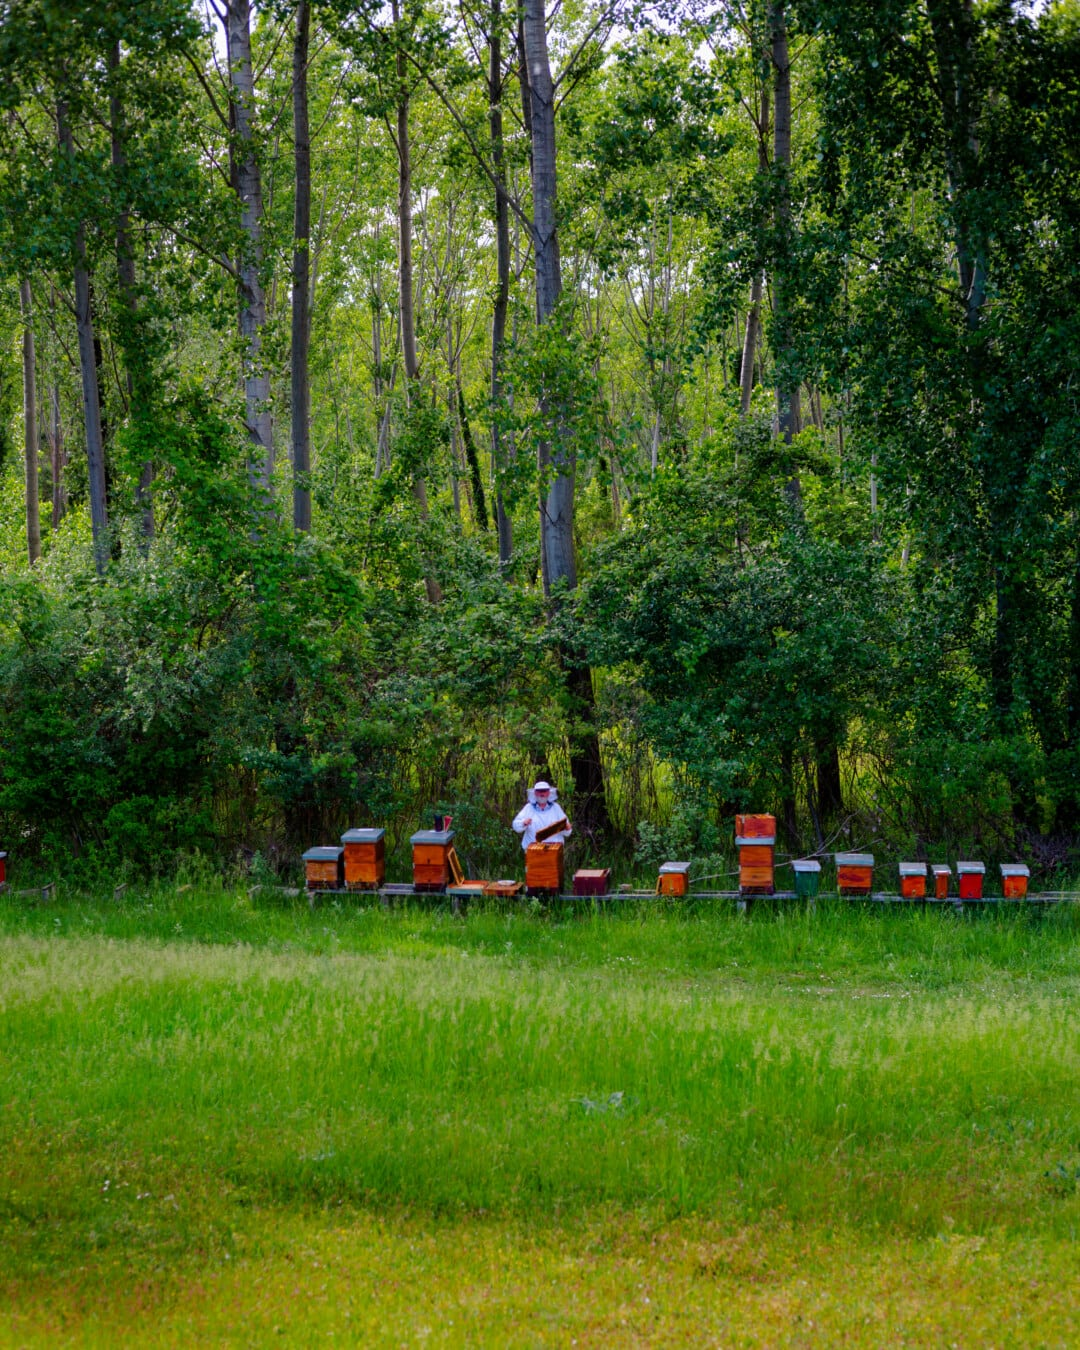 Bienenstock, Landwirt, Landwirtschaft, Wald, Struktur, Holz, Sommer, Natur, Landschaft, im freien